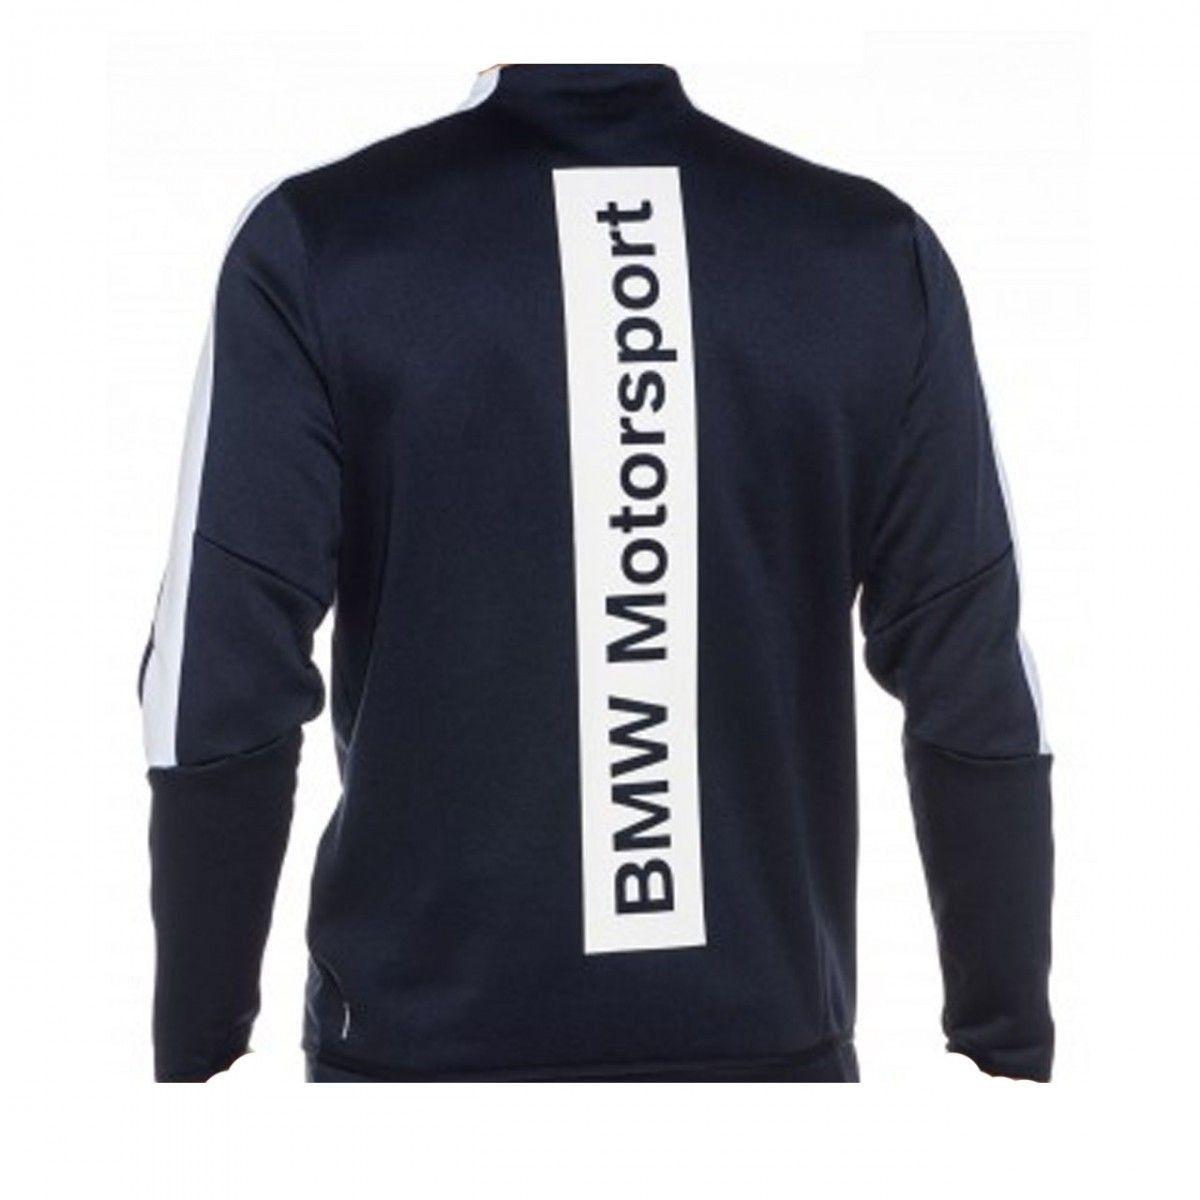 BMW Motorsport T7 Homme Veste De Survêtement équipe Bleu 575250 01 $90